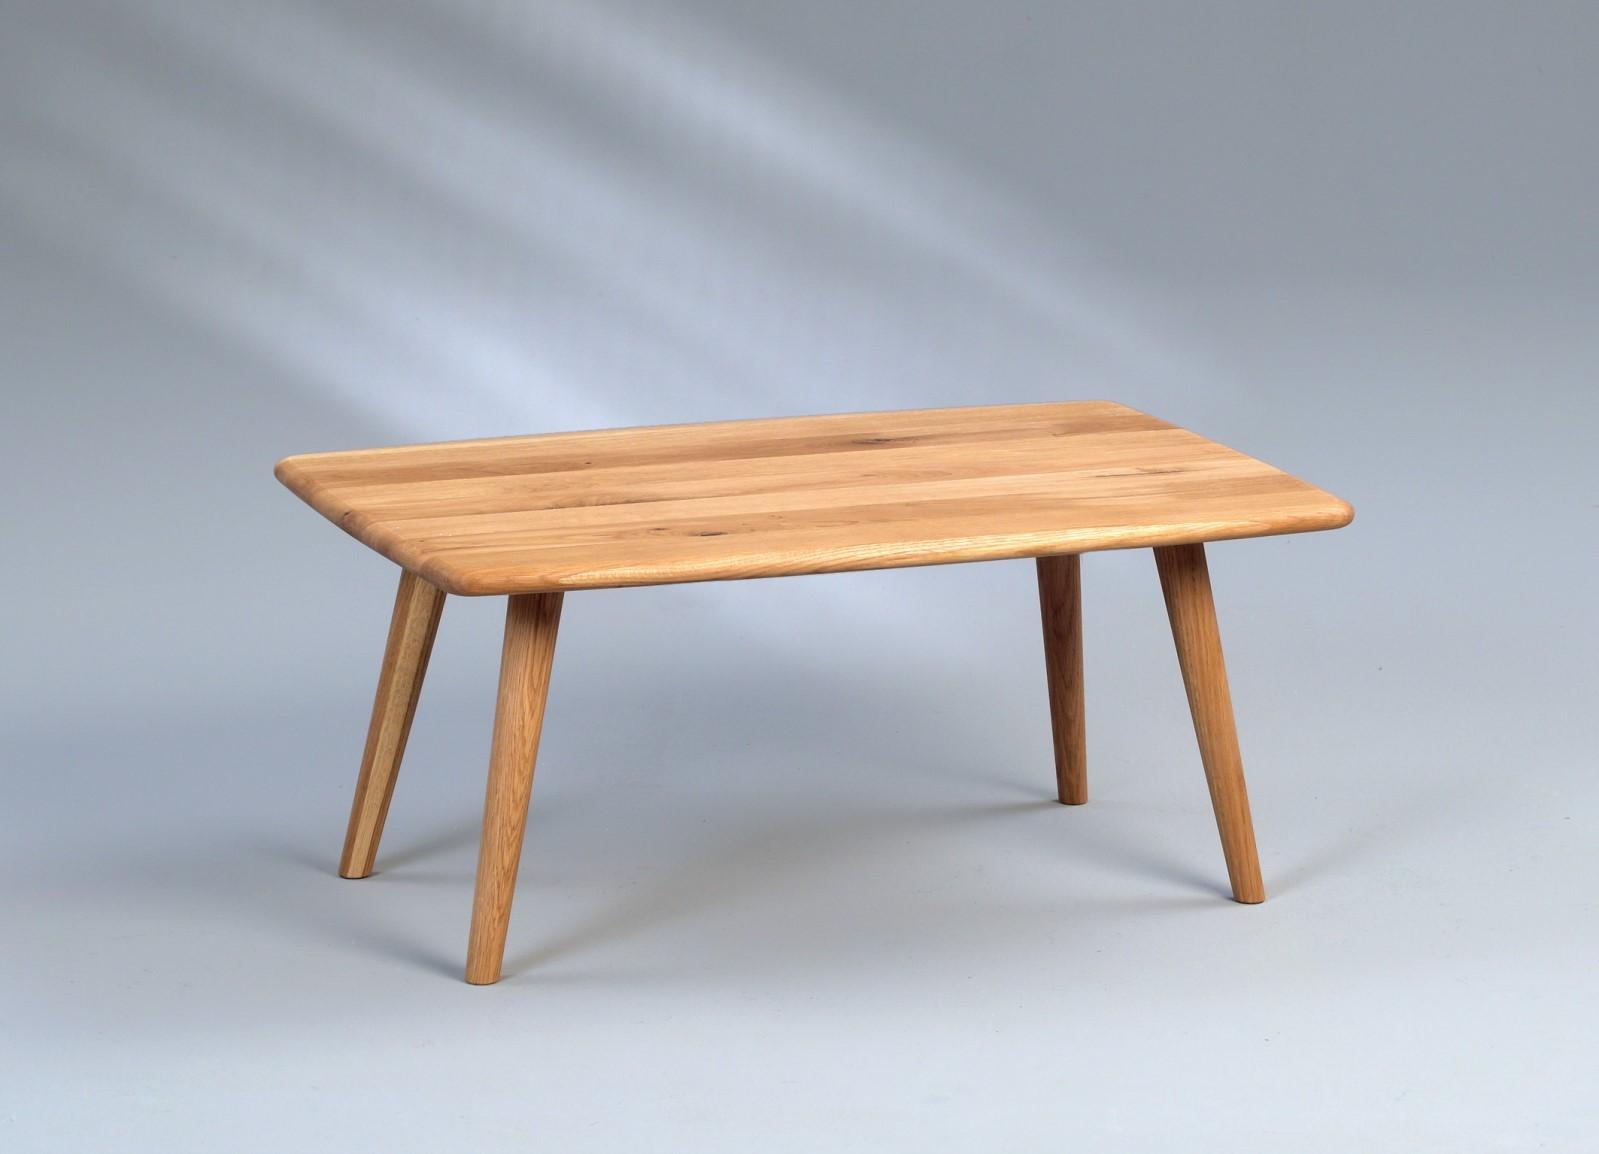 Couchtisch 100 X 60 Holz. Stunning Exzellent Couchtisch X Idee ...